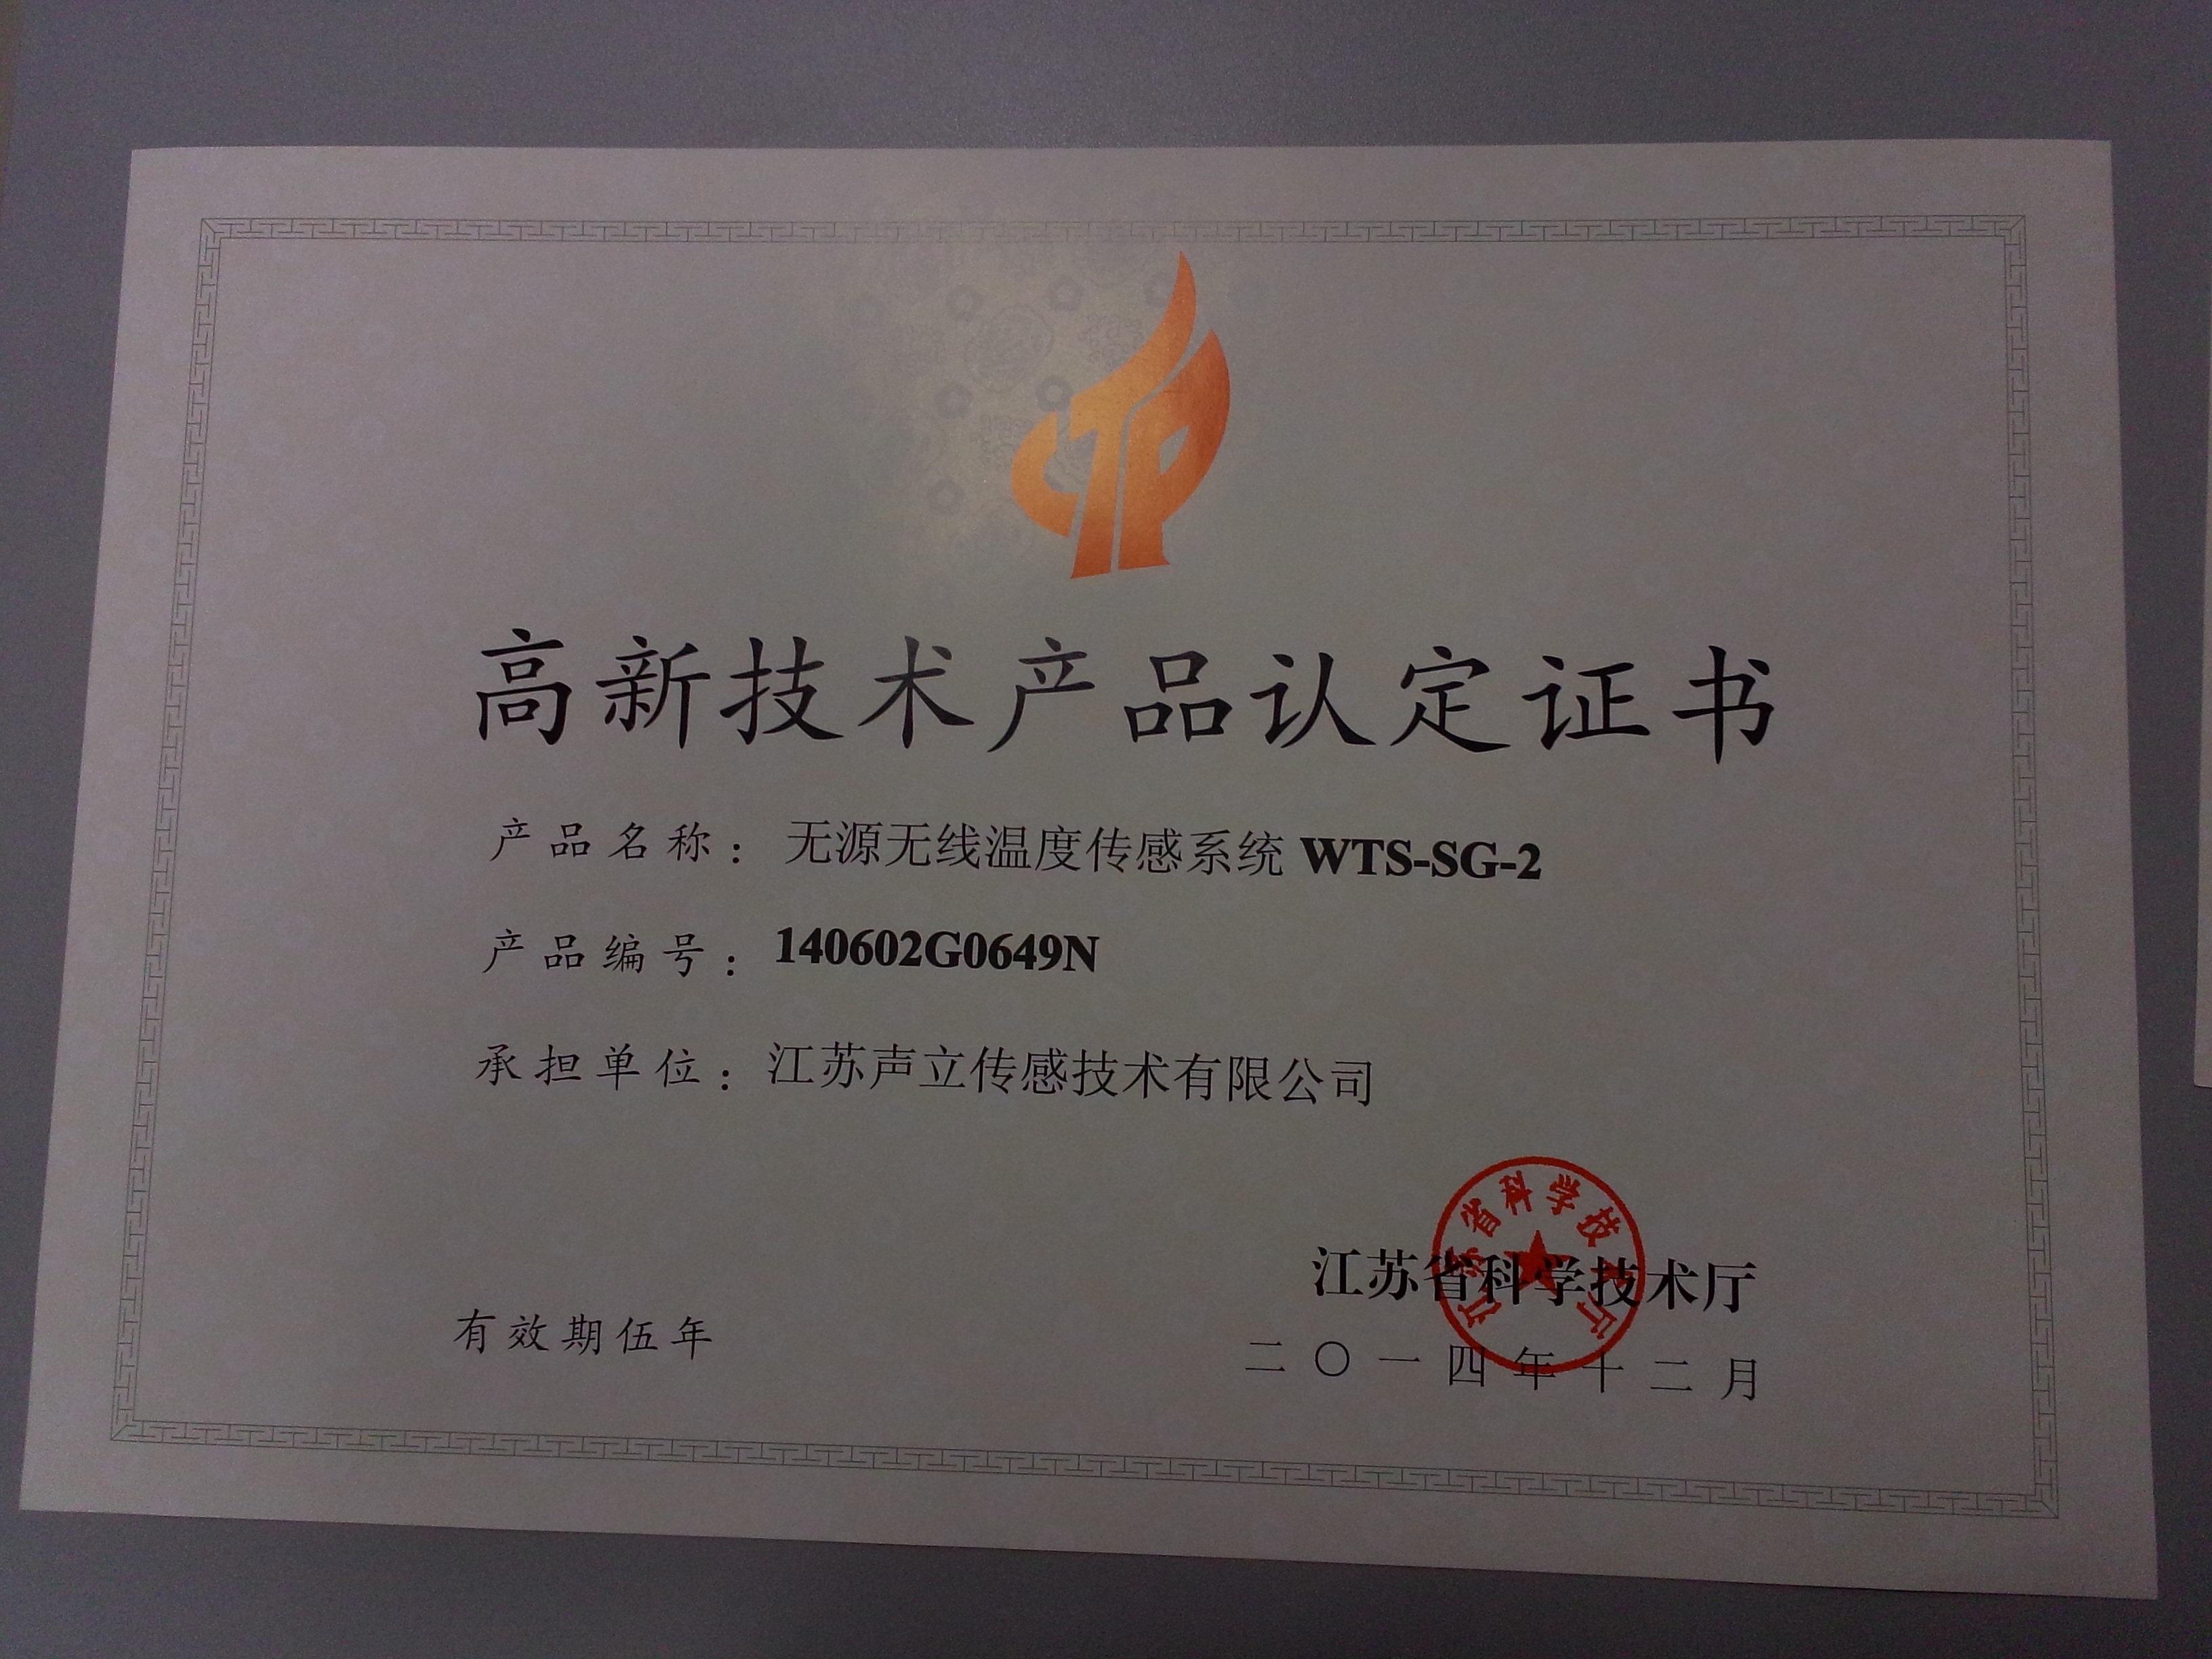 高品证书2